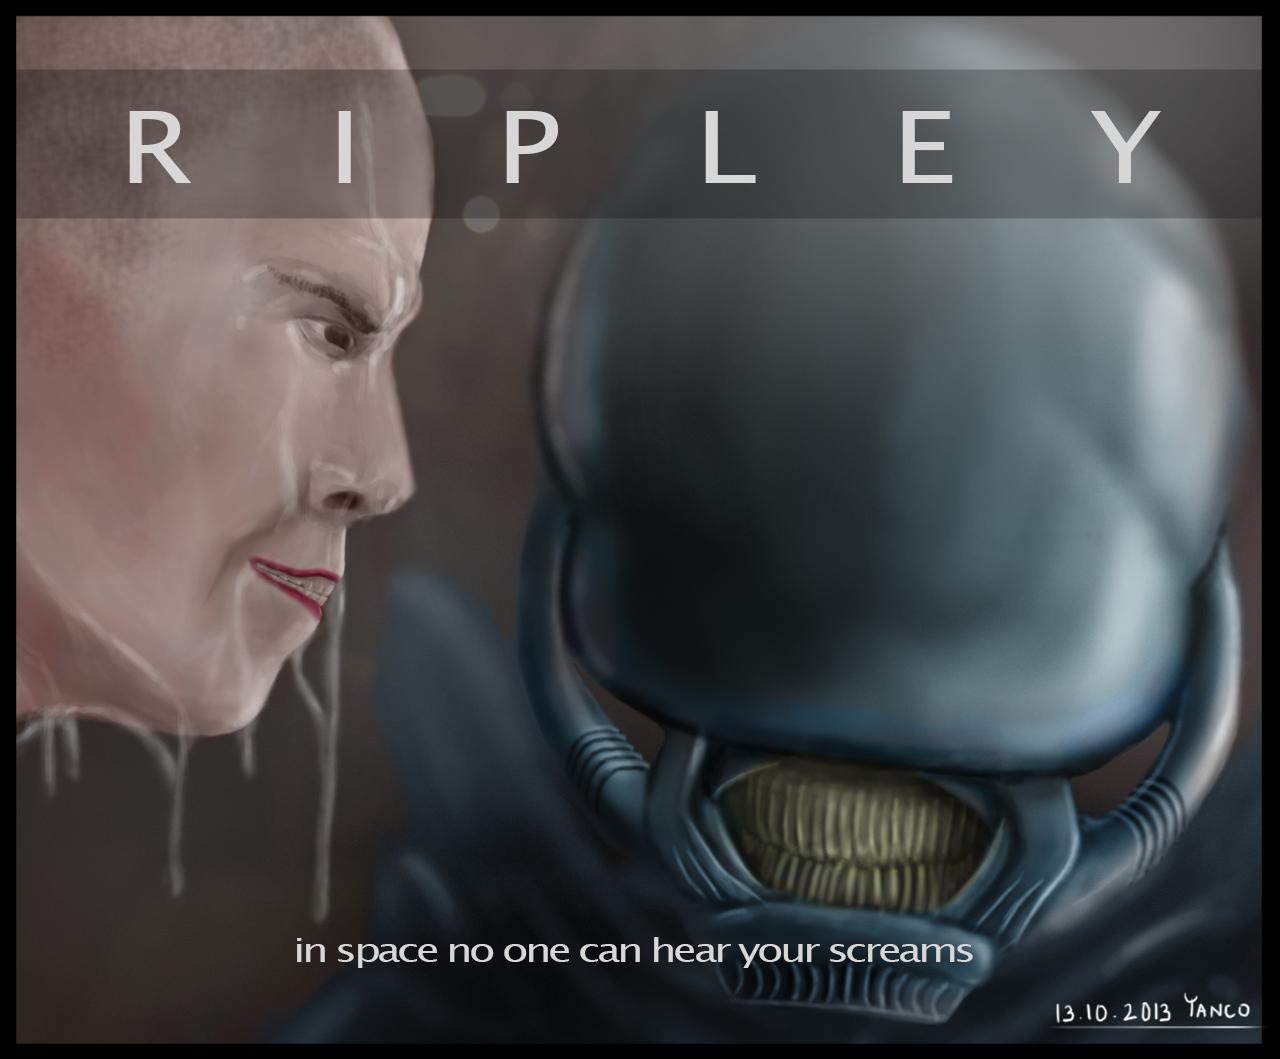 Ripley vs Alien